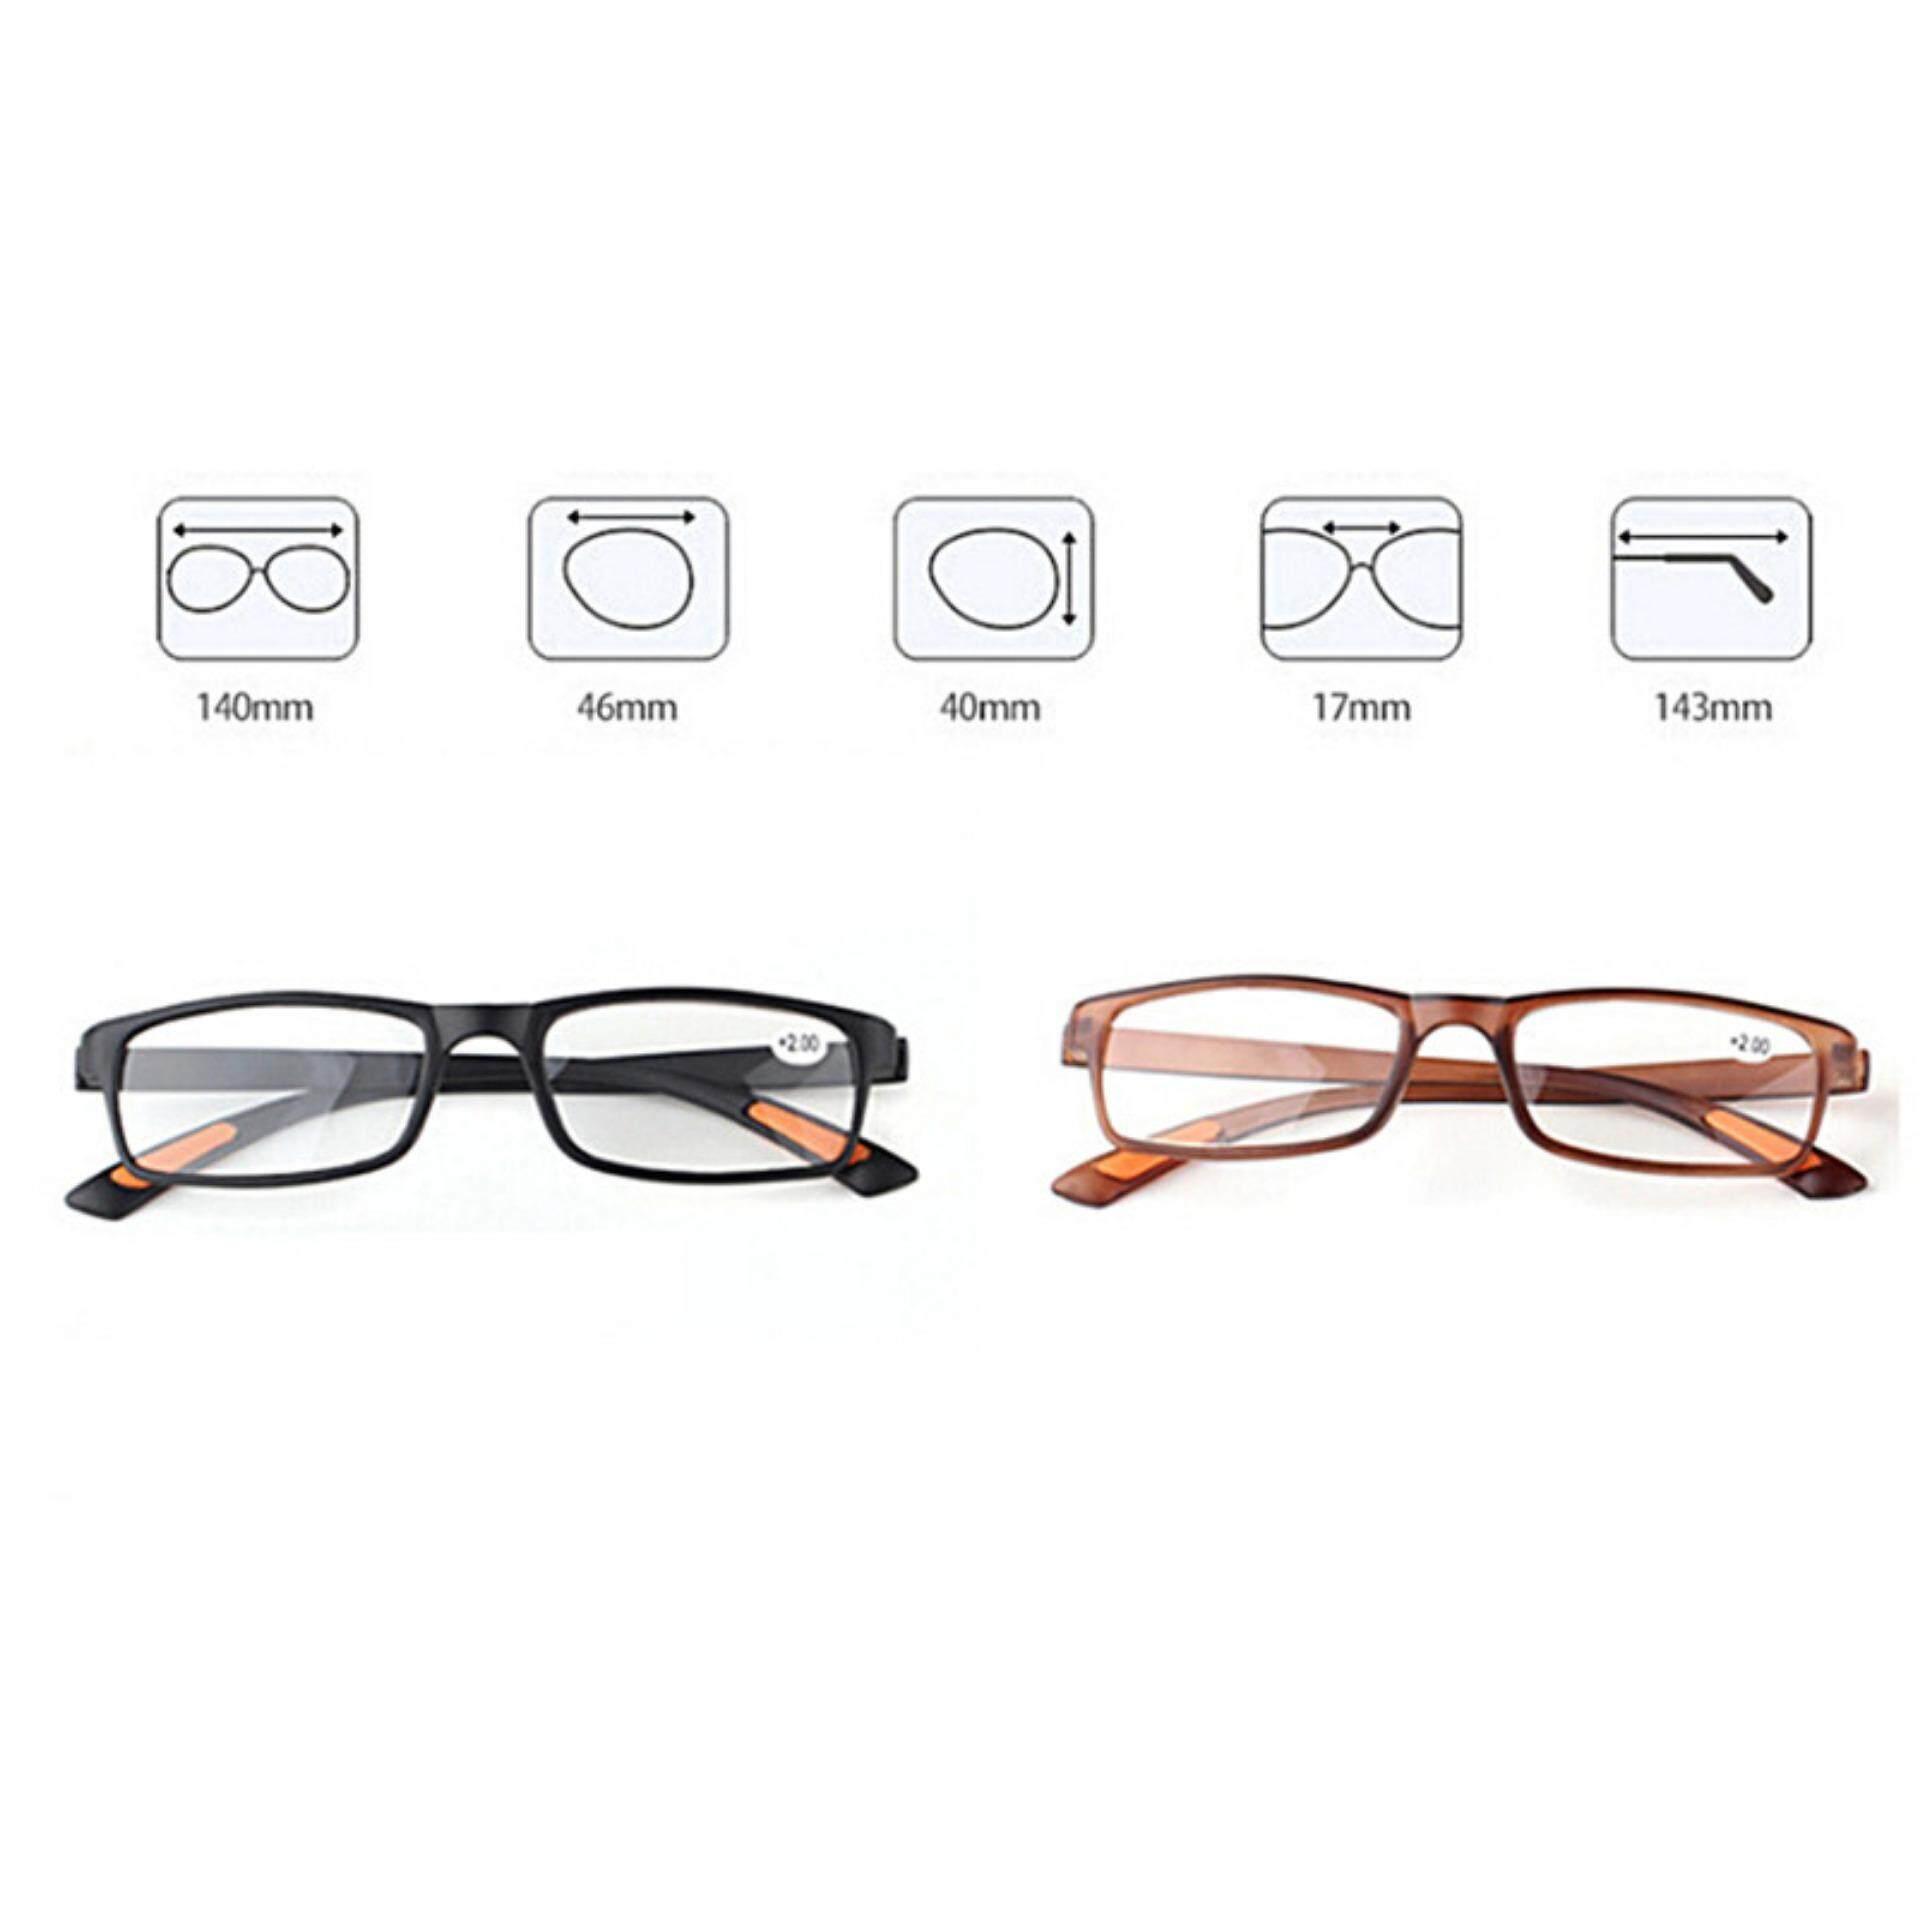 Detail Gambar Retro Bingkai Persegi Tidak Ada Garis Kacamata Progresif Lensa Kacamata Baca Uniseks Coklat Gelap